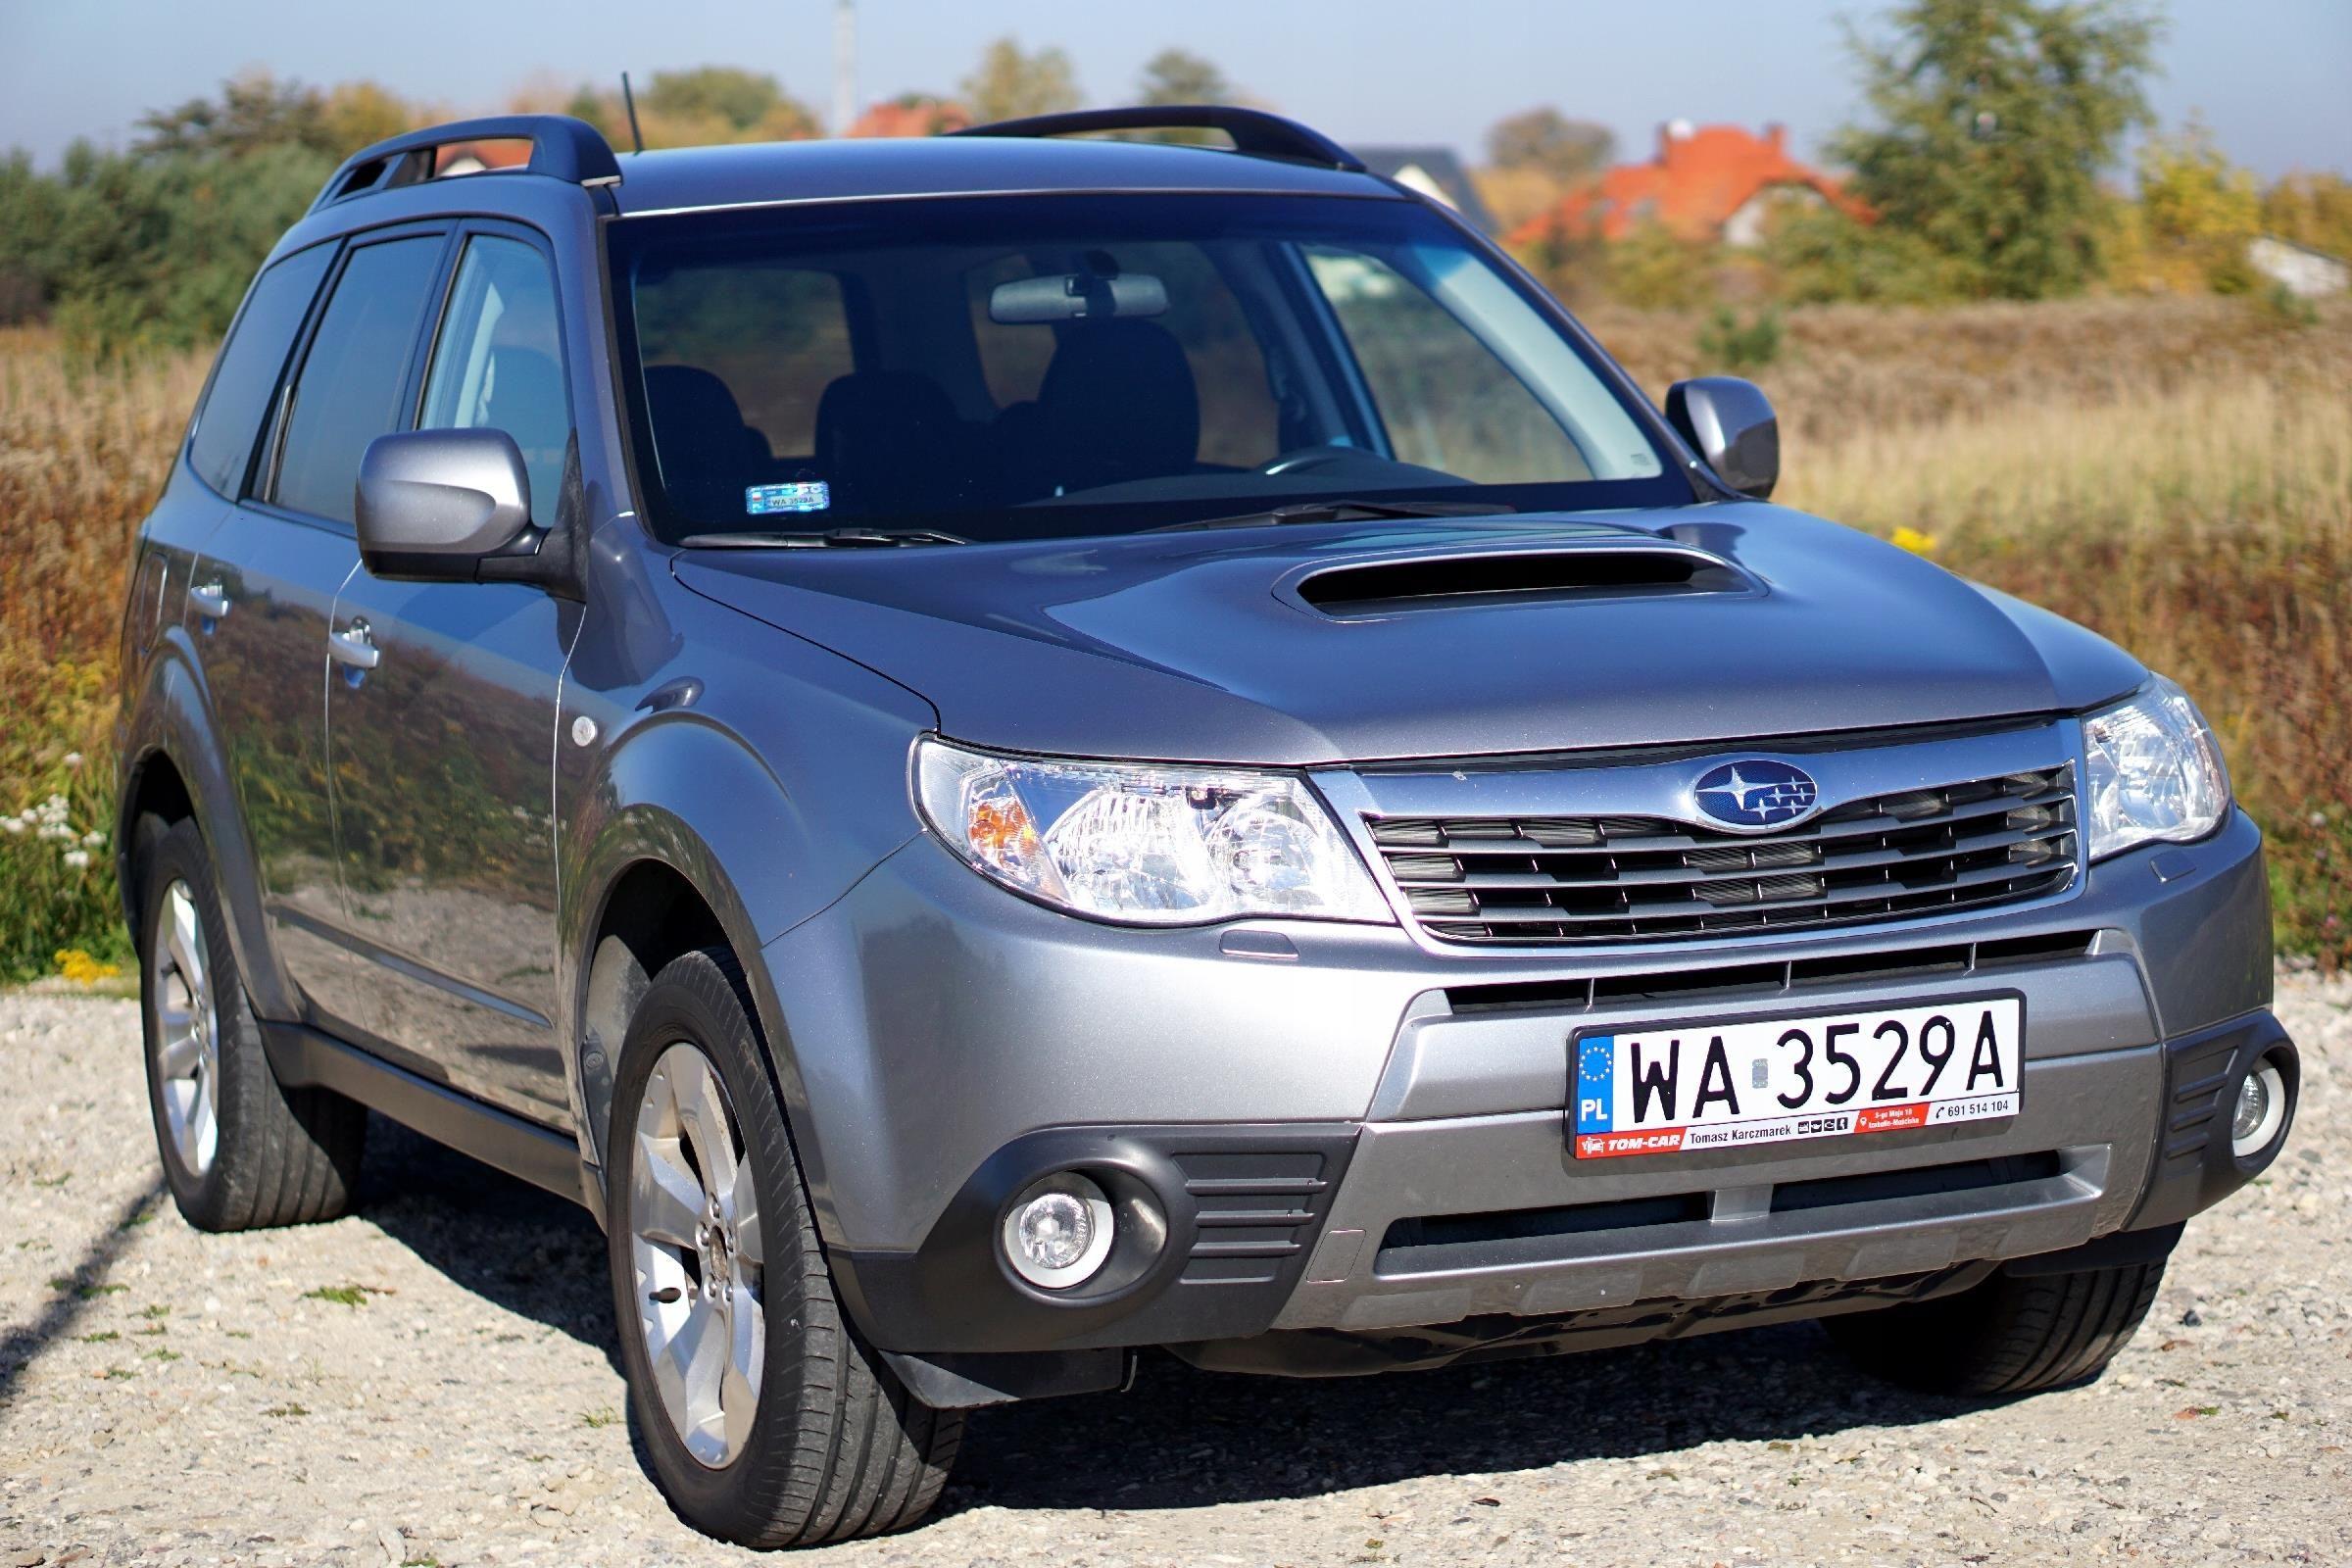 Subaru Forester Xt 2 5 T Lpg Manual Xenon 4x4 Opinie I Ceny Na Ceneo Pl